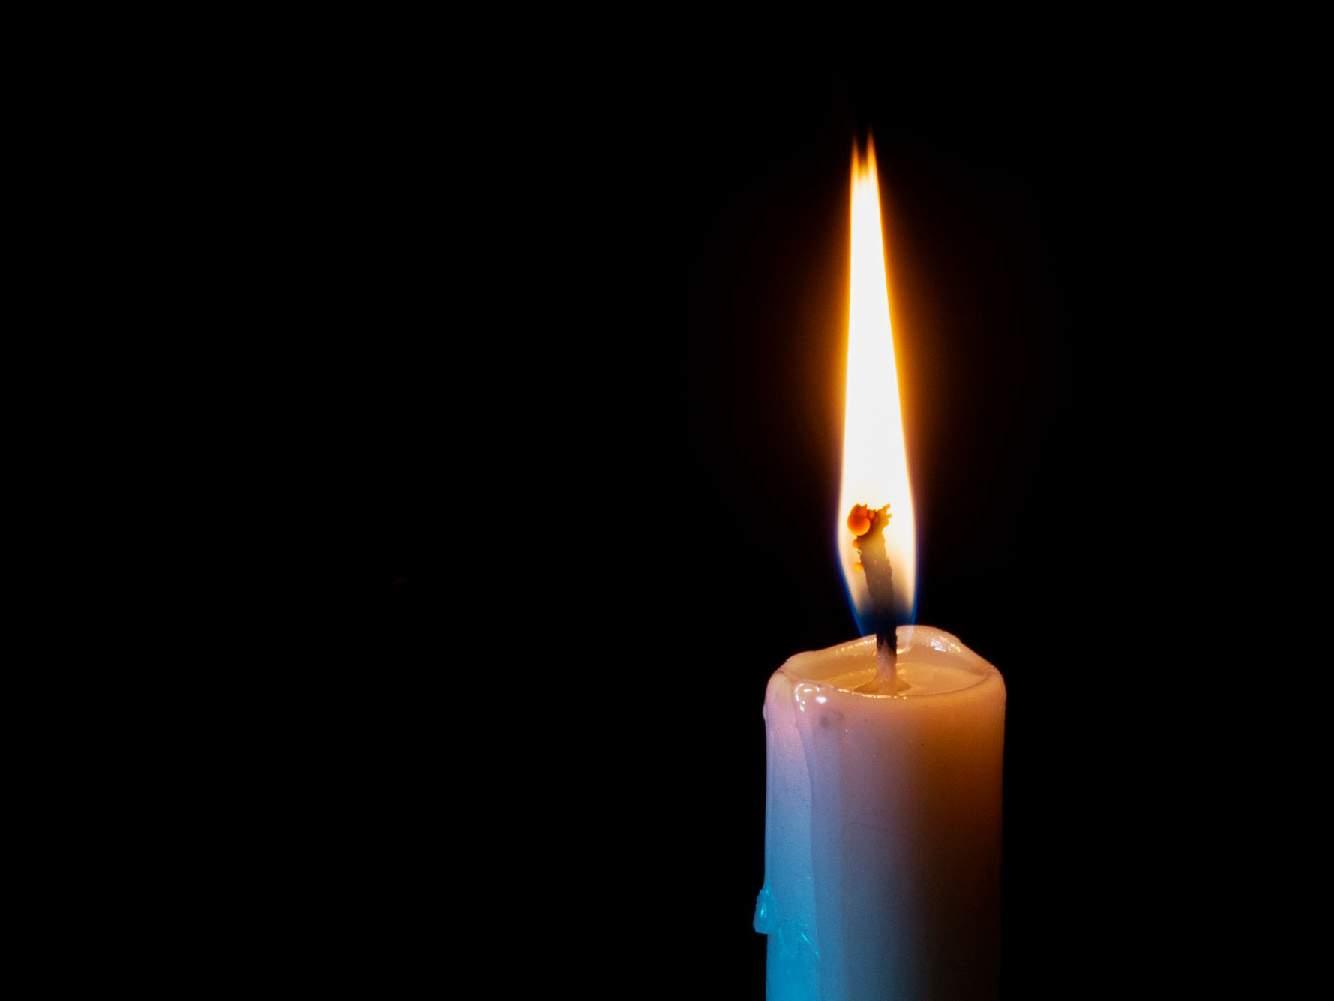 Сестра Гаттузо умерла в 37 лет